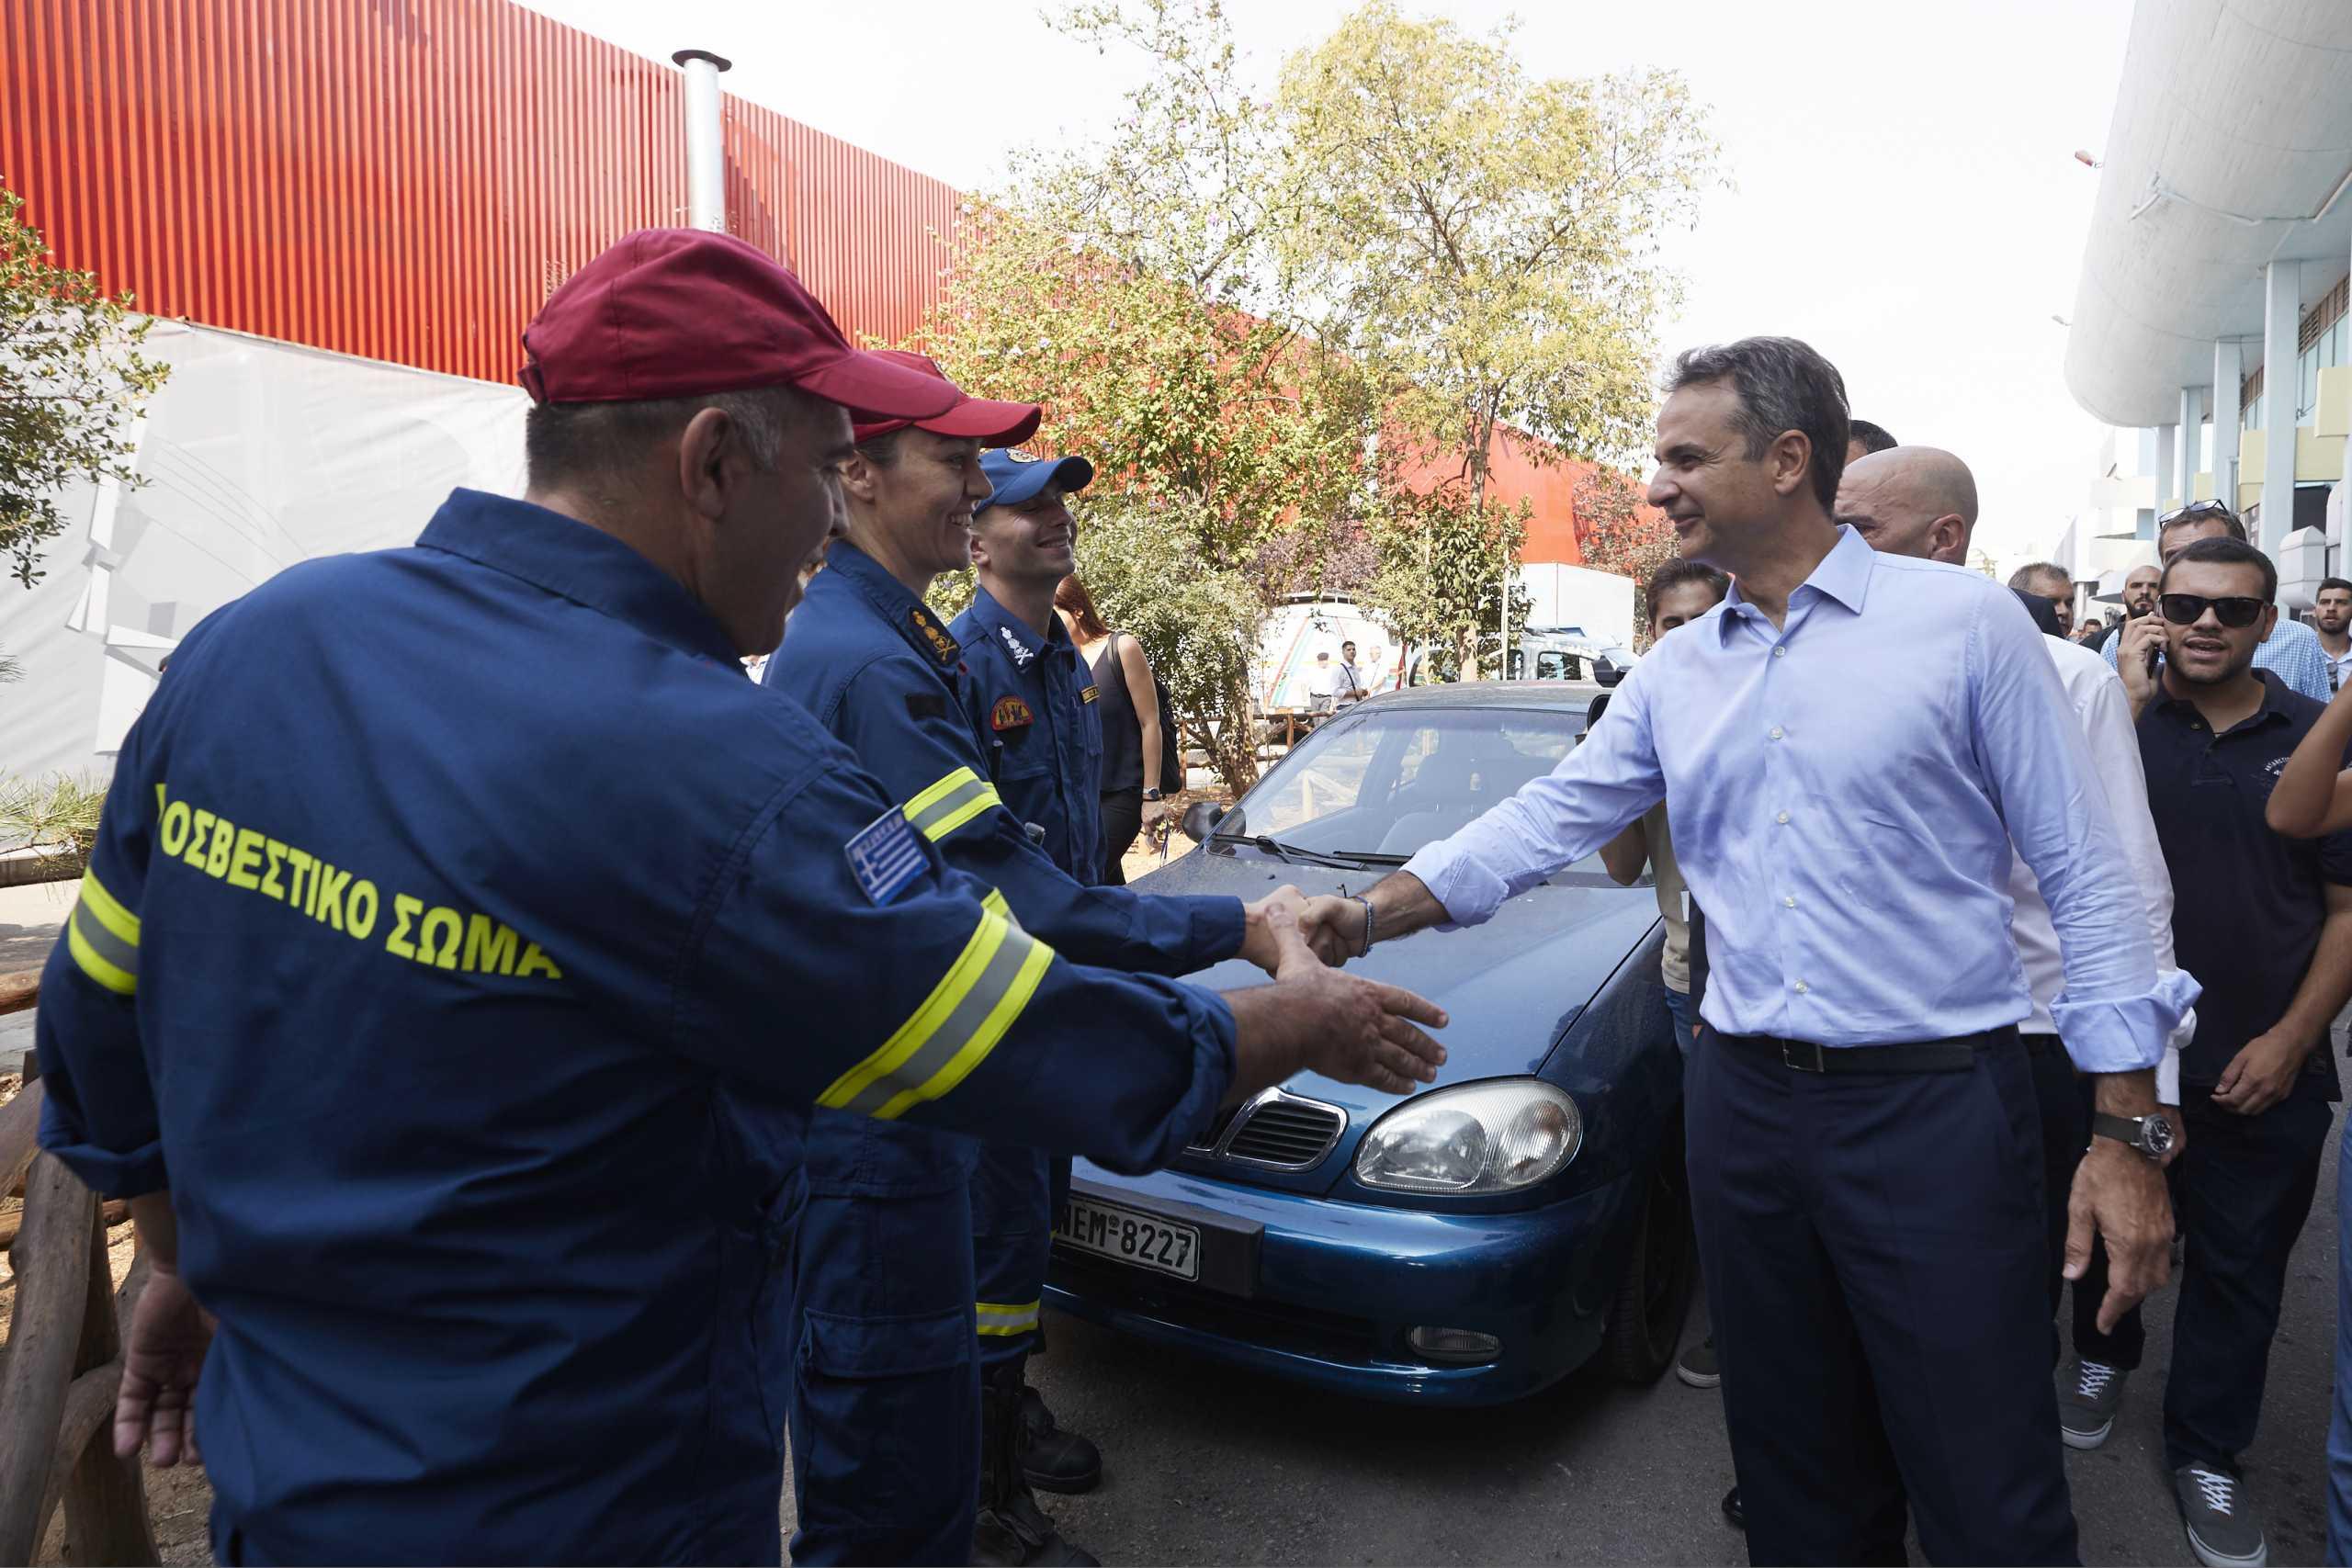 Δίπλα στους πυροσβέστες ο πρωθυπουργός για τις υπεράνθρωπες προσπάθειές τους